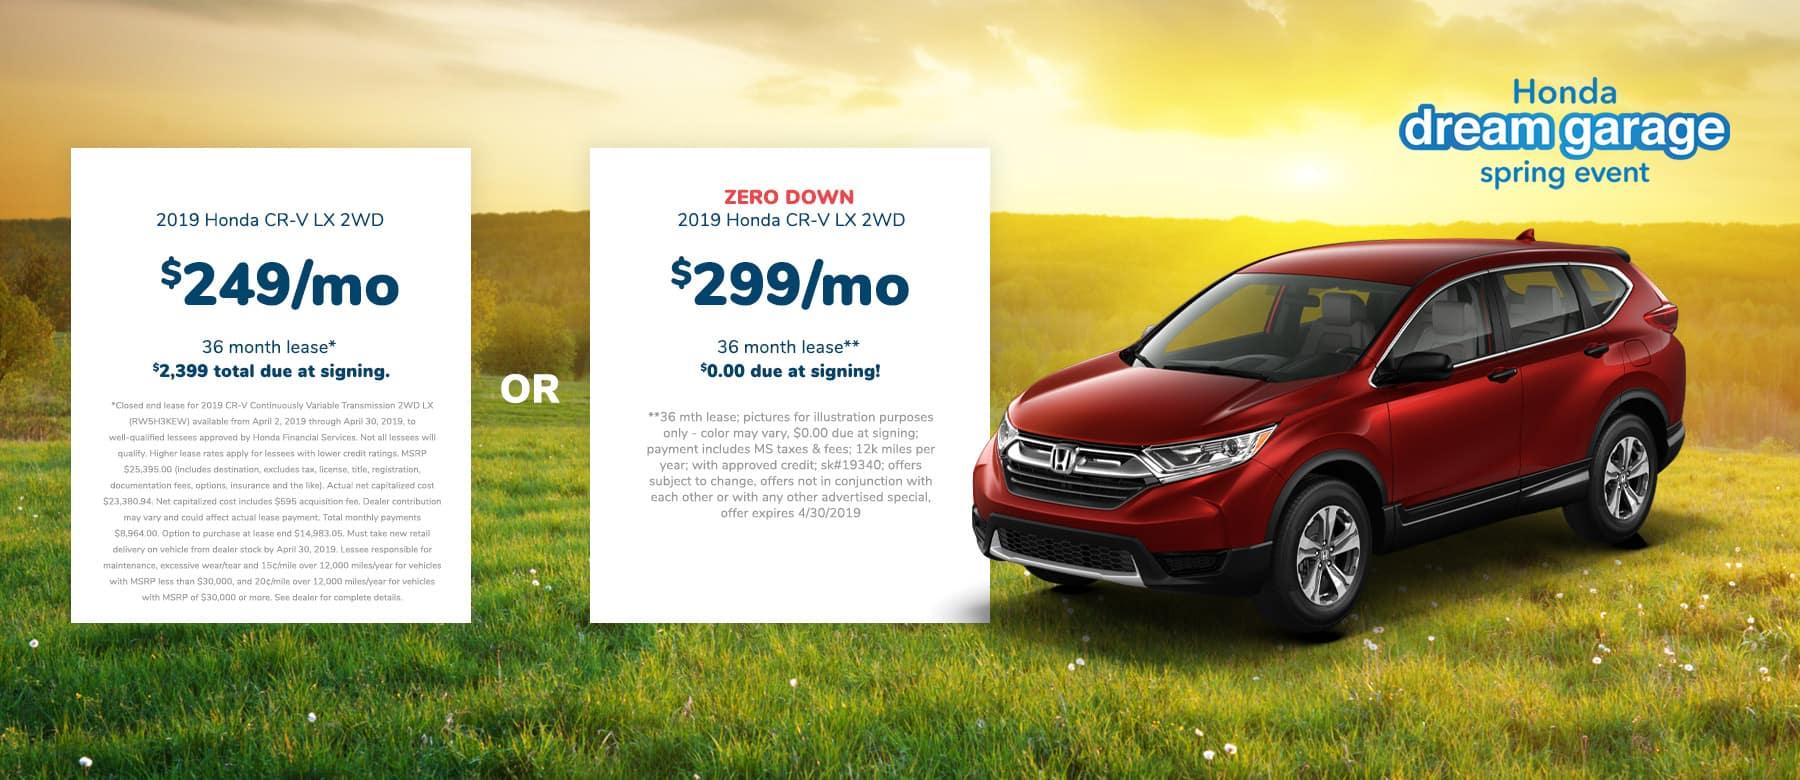 Honda CR-V Lease Offer Near Me